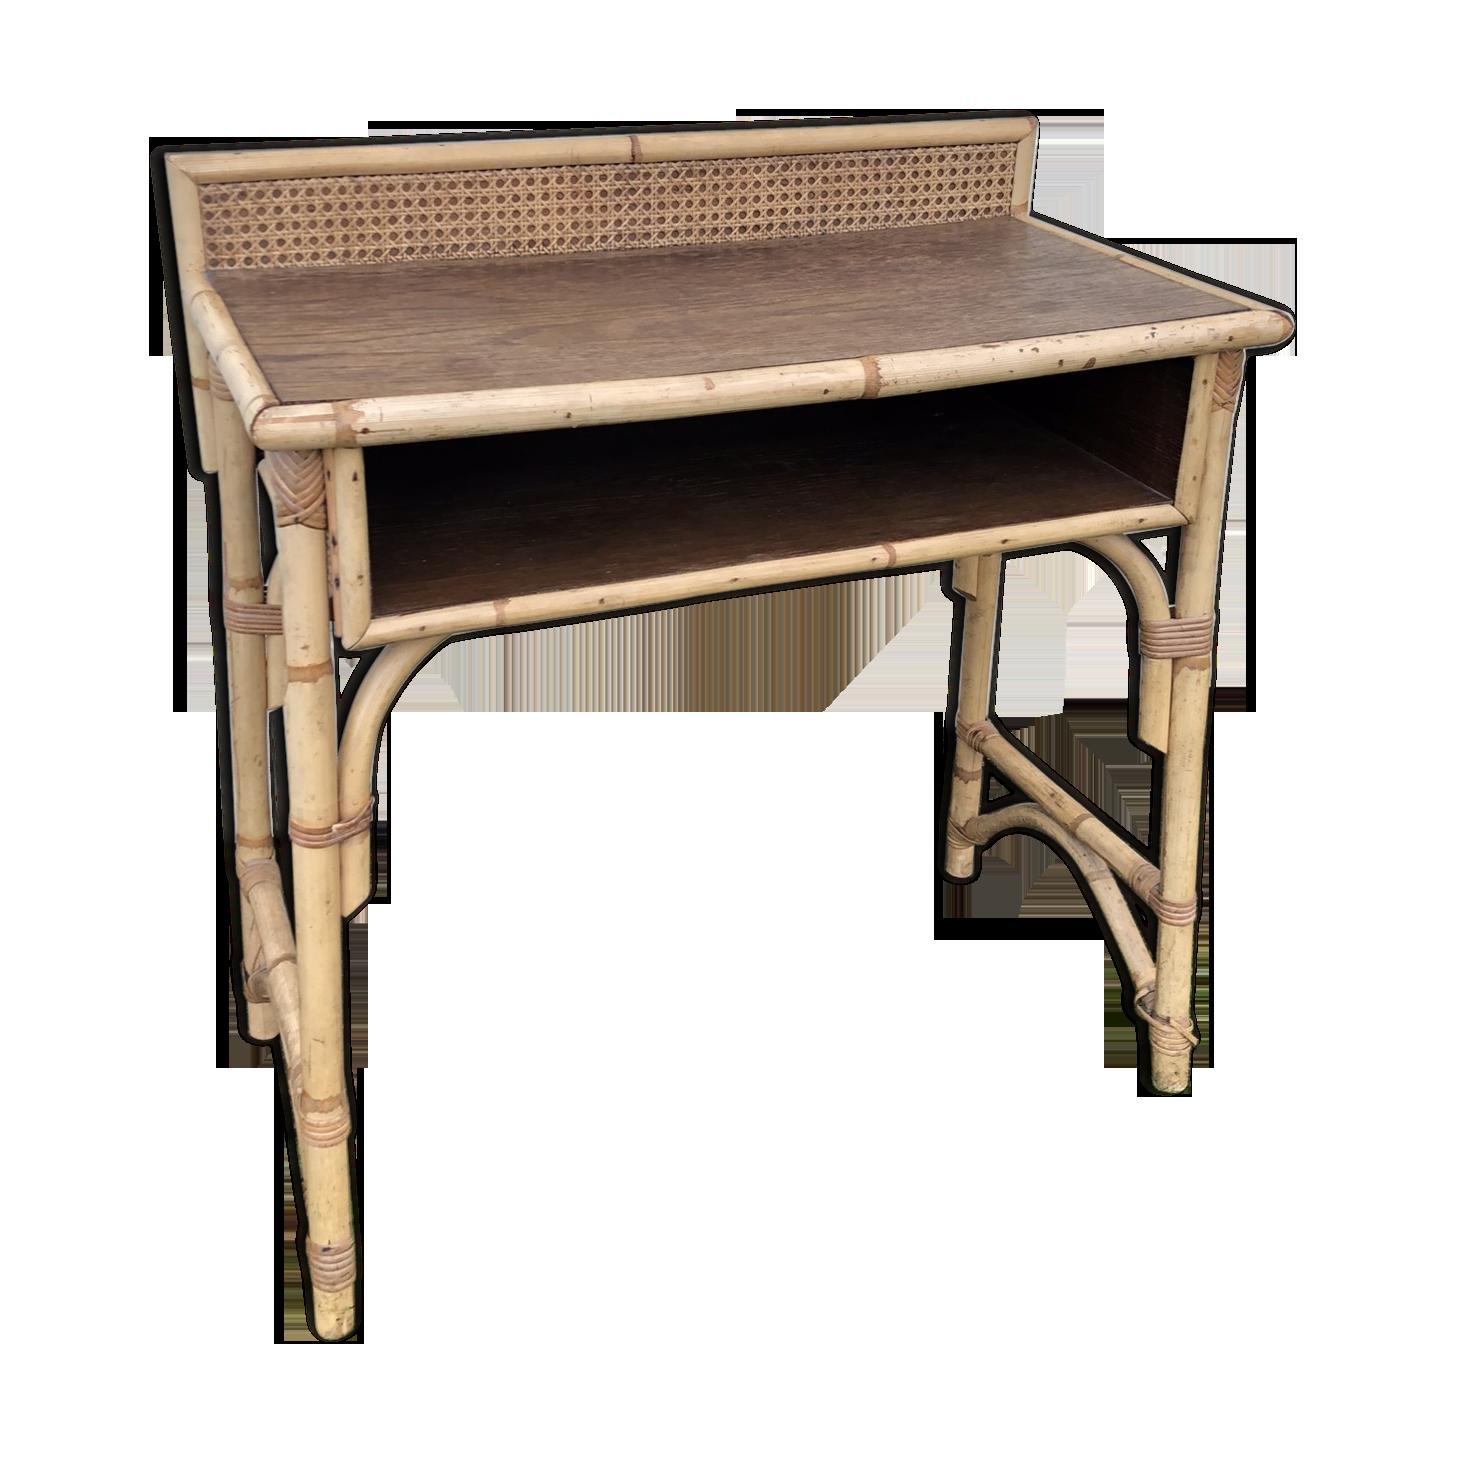 Bureau en rotin vintage rotin et osier bois couleur